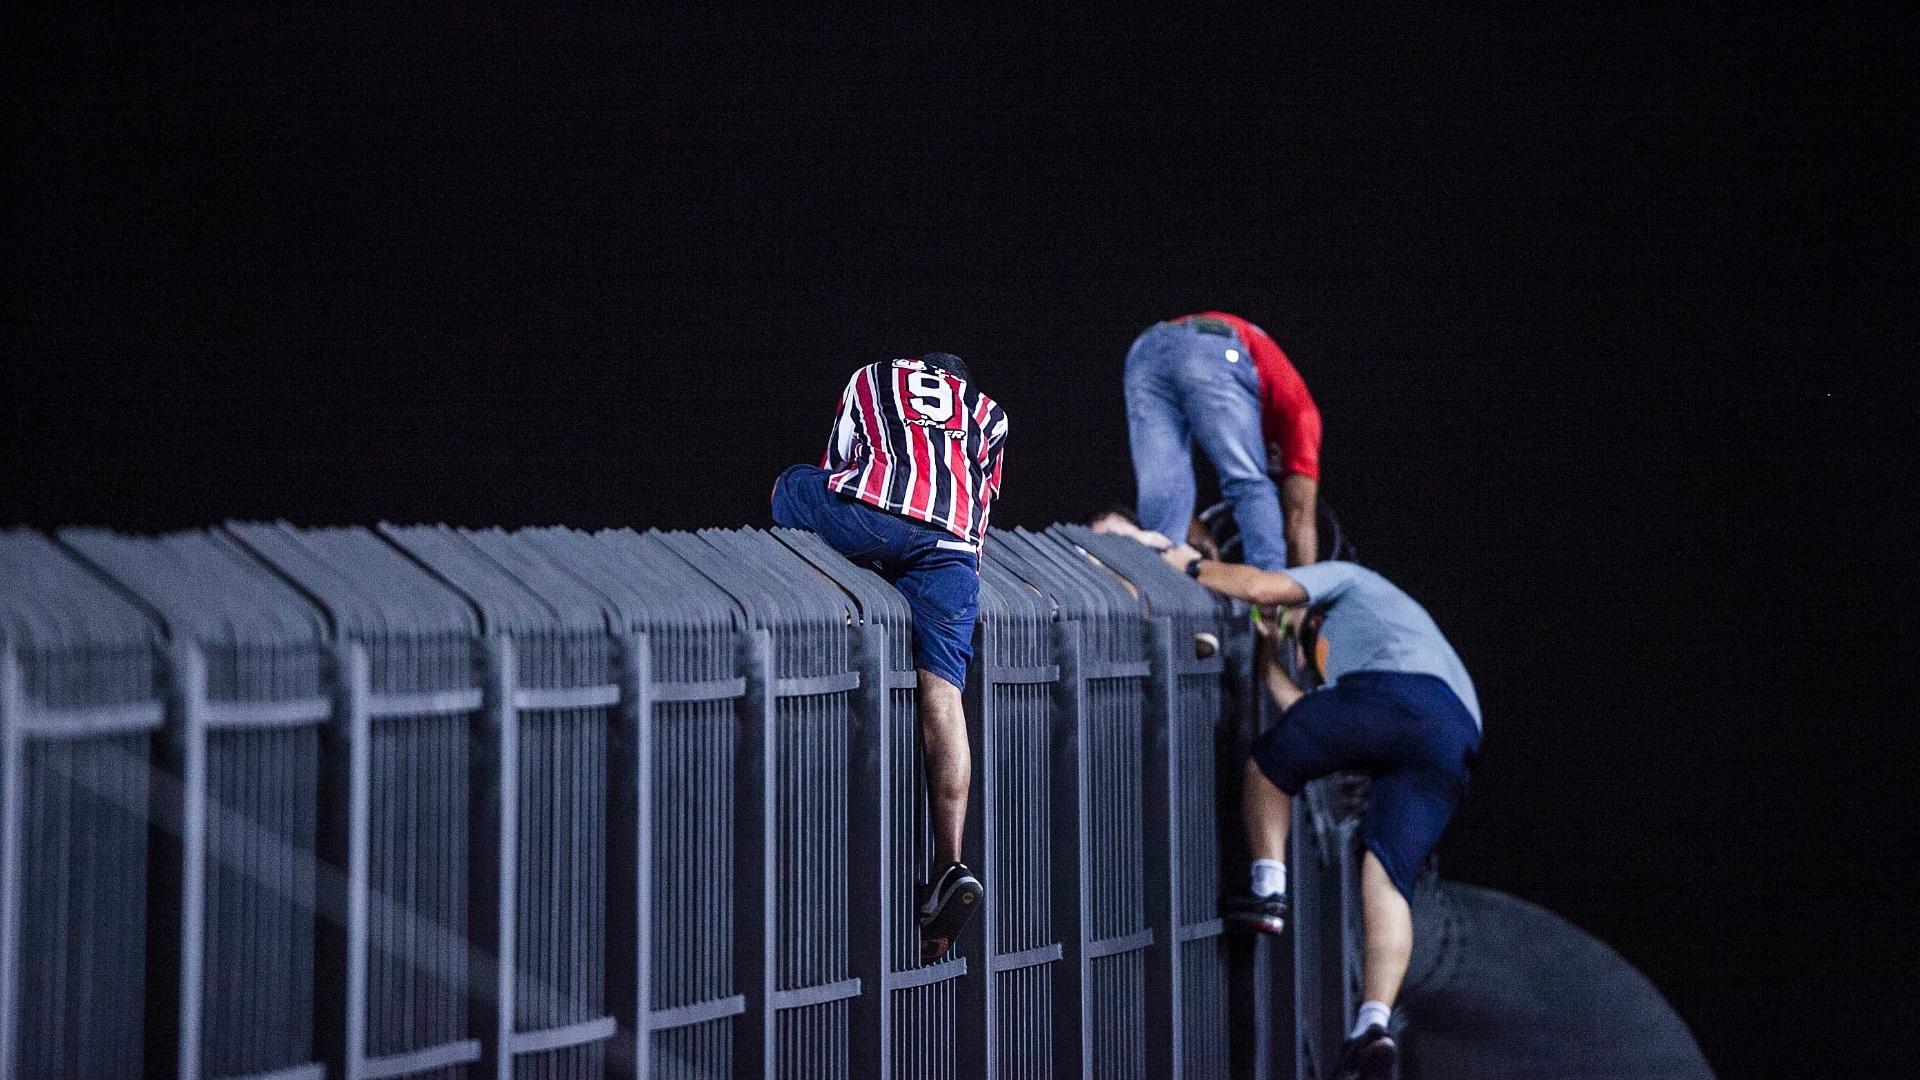 28.fev.2013 - Torcedores do São Paulo pulam grade do Morumbi para mudar de setor antes do jogo contra o The Strongest (BOL), pela Libertadores